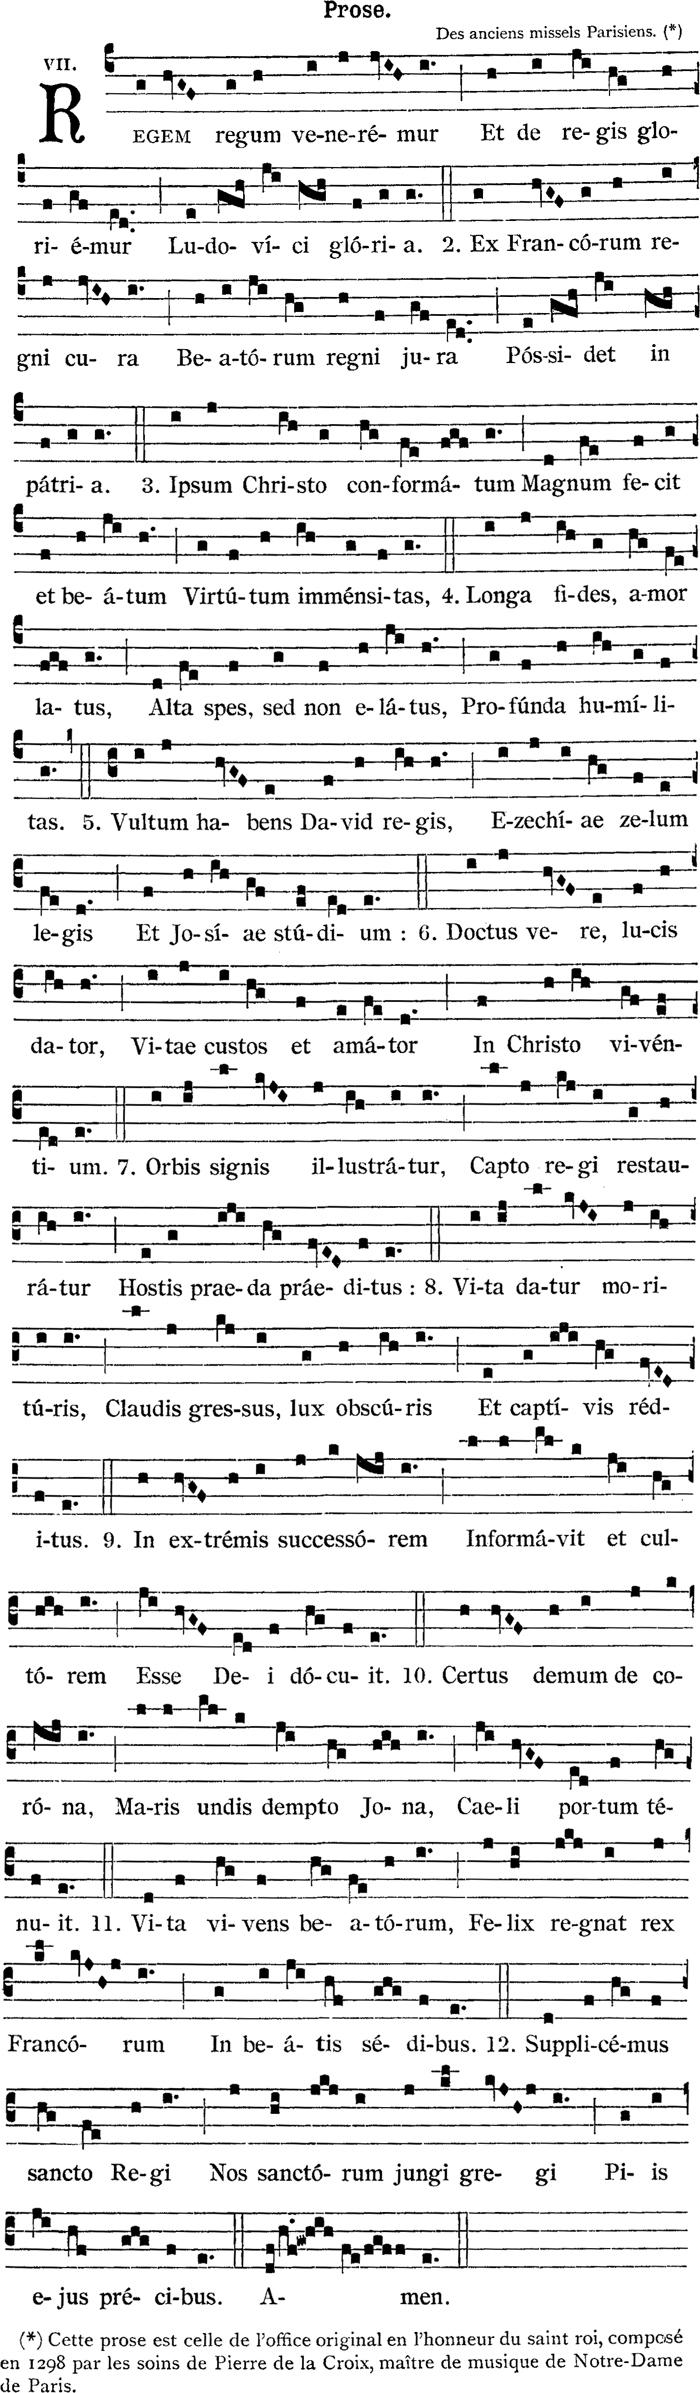 Prose de saint Louis